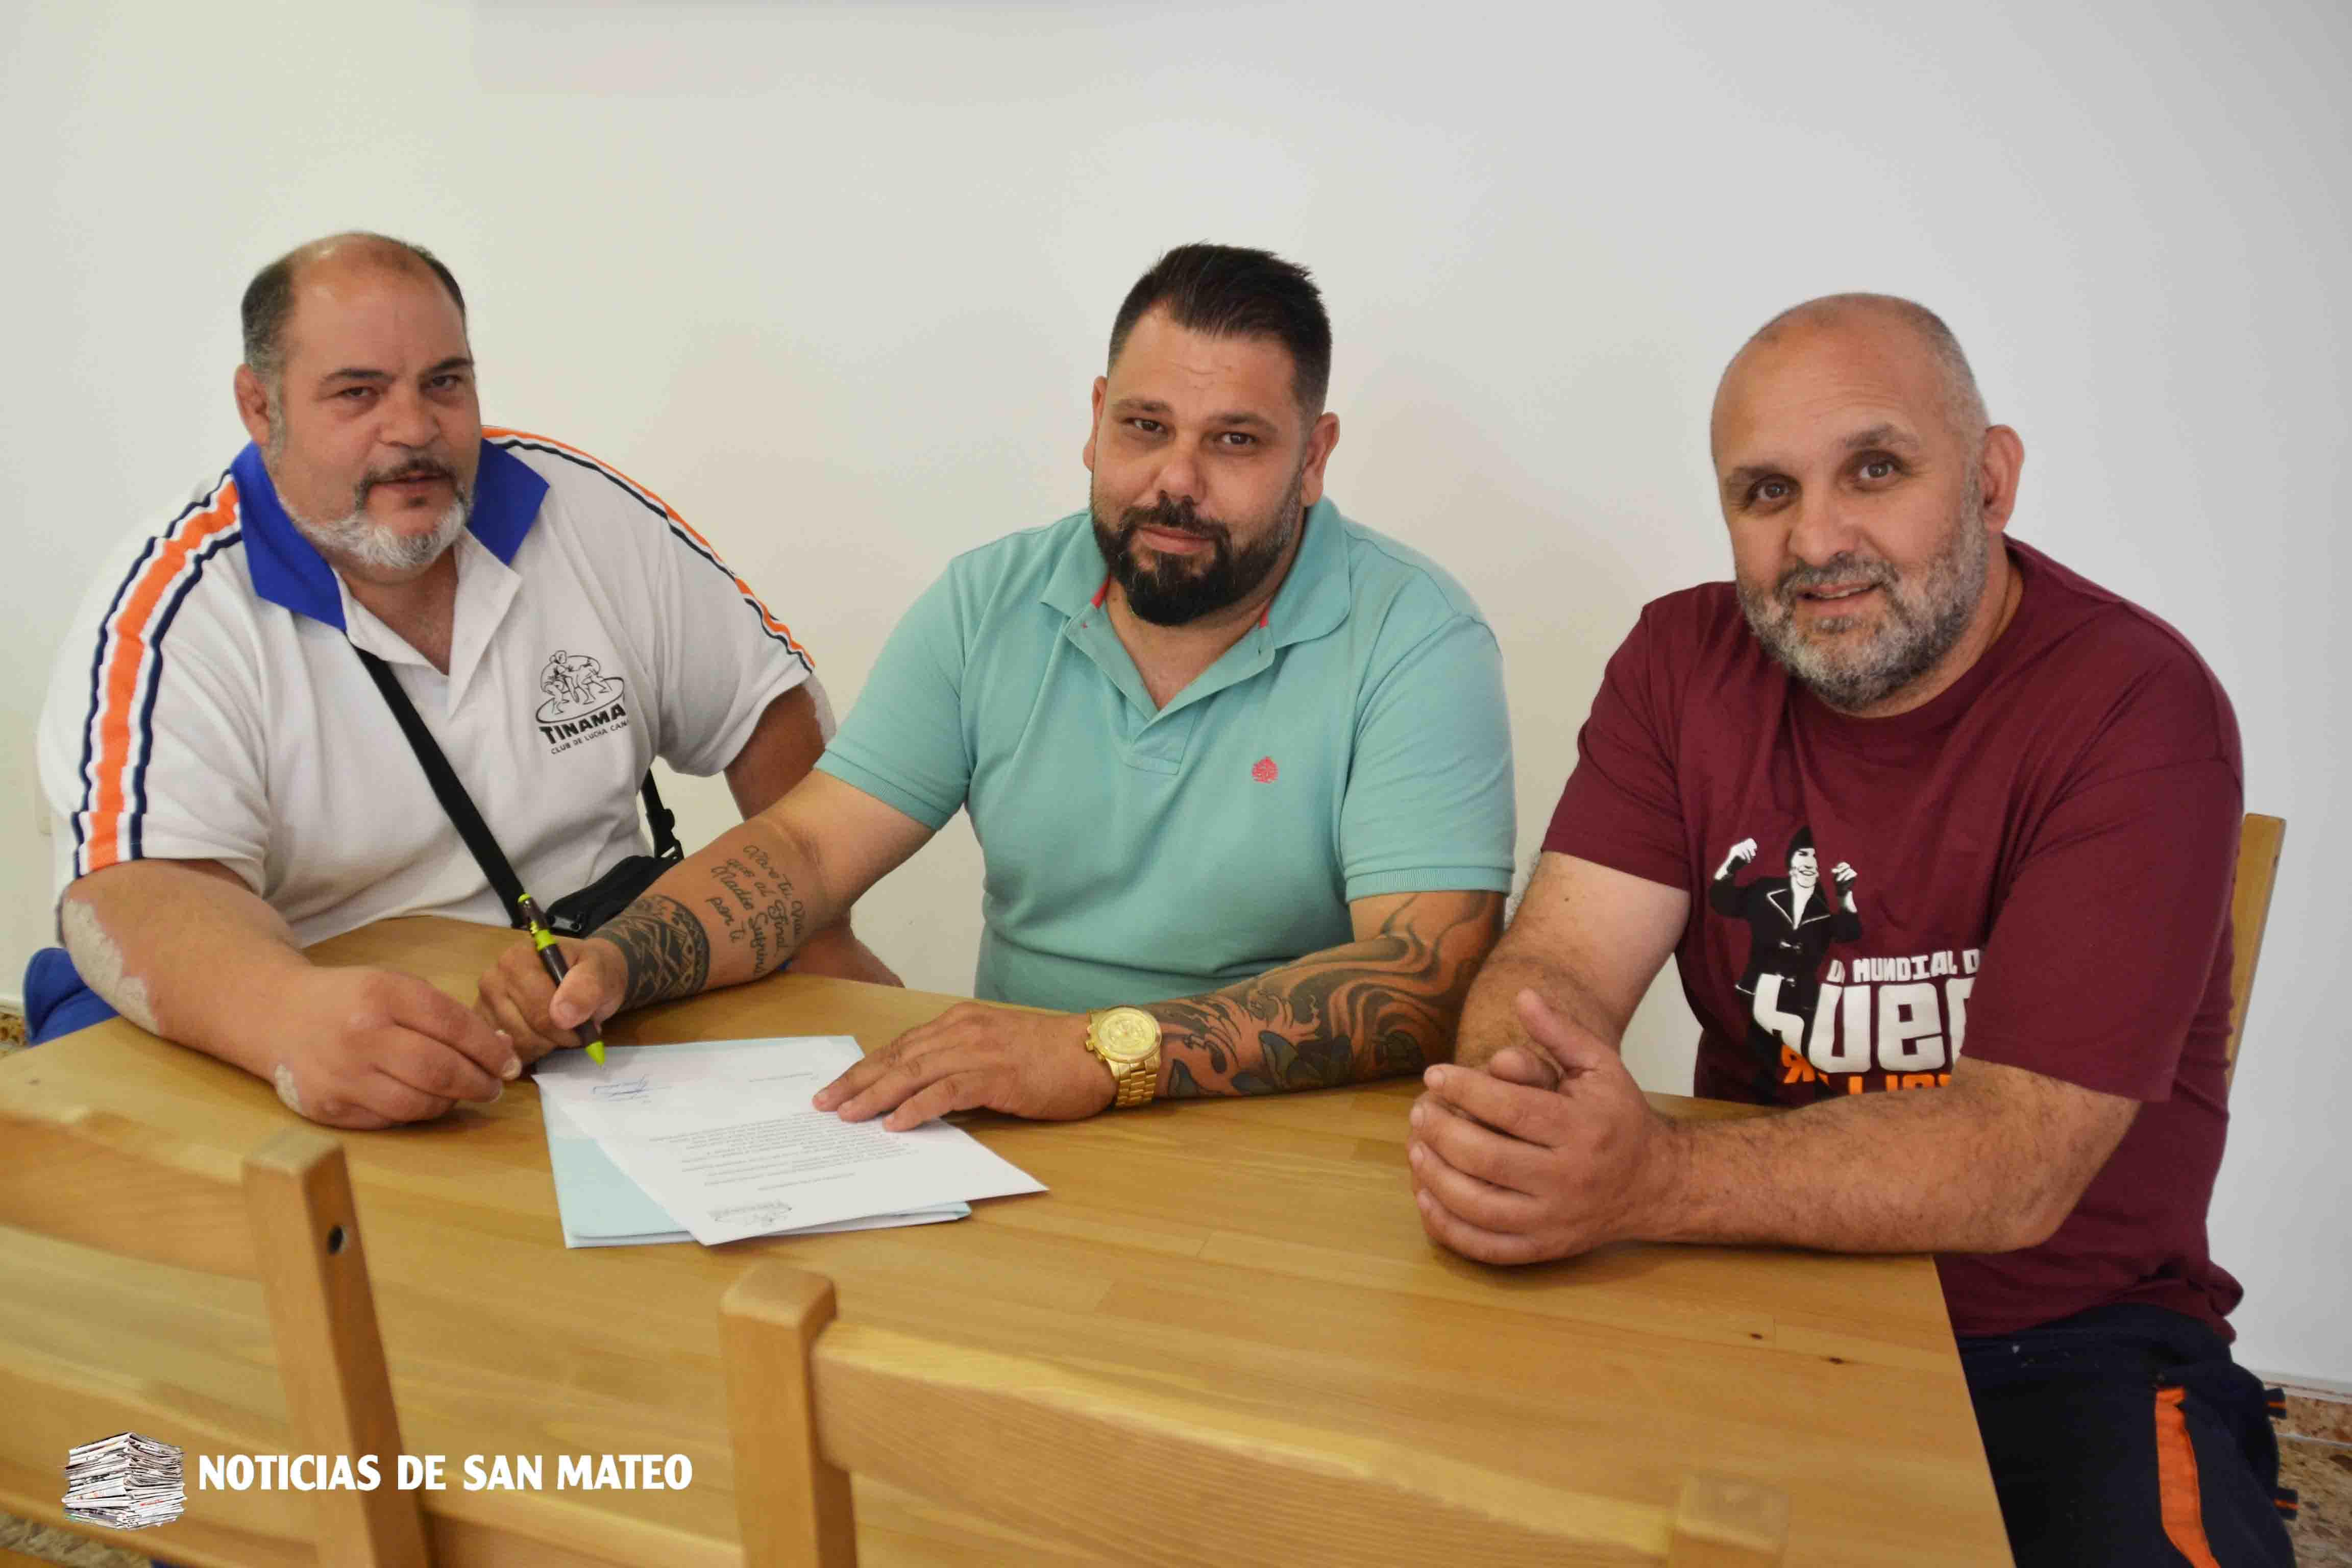 Acuerdo Tinamar La Villa para portada Foto Noticias de San Mateo Laura Miranda